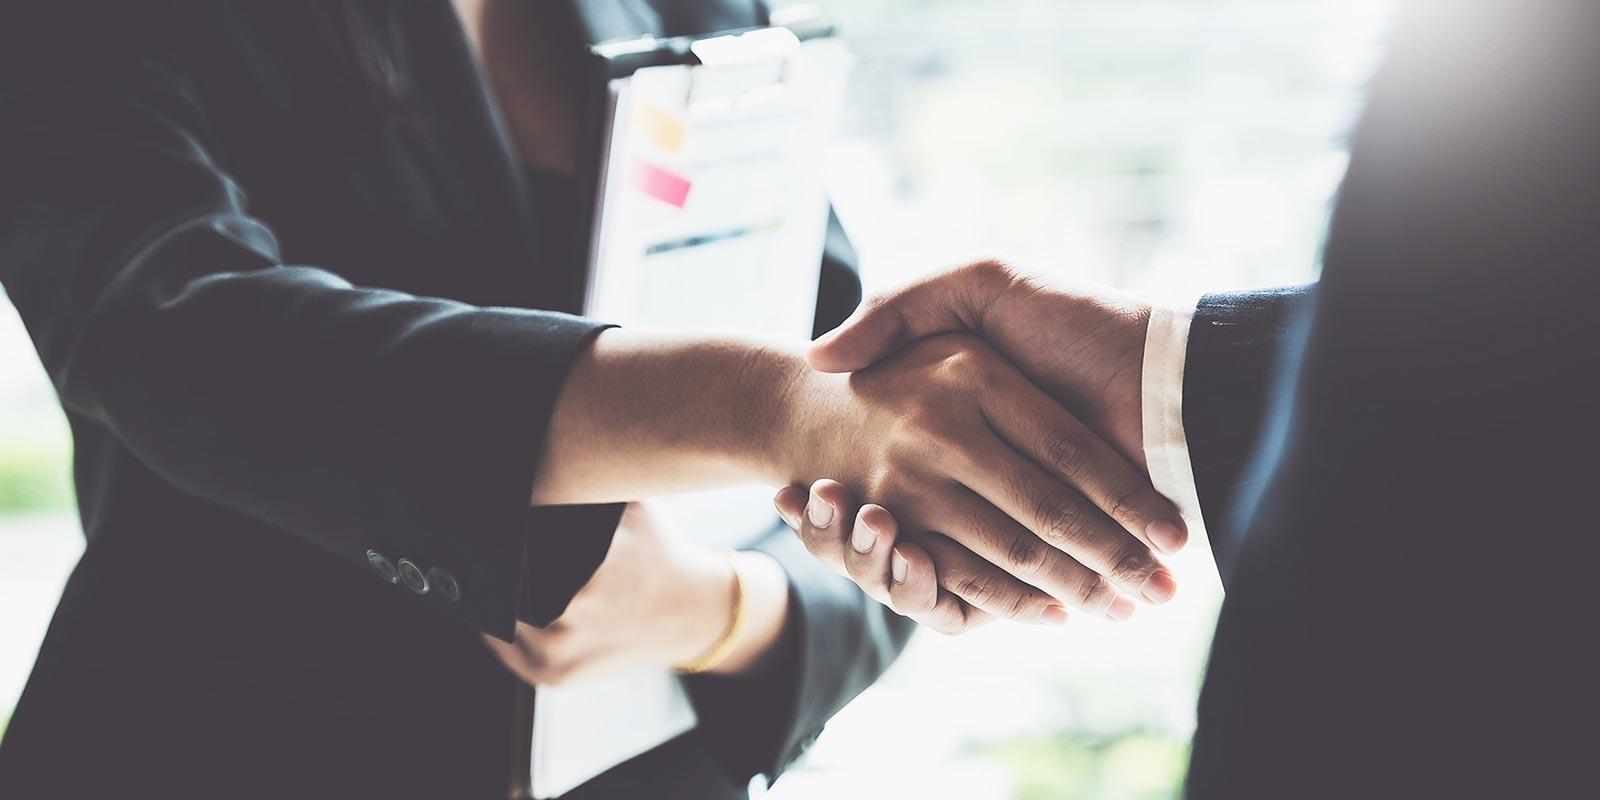 Handschlag nach Vertragsunterzeichnung